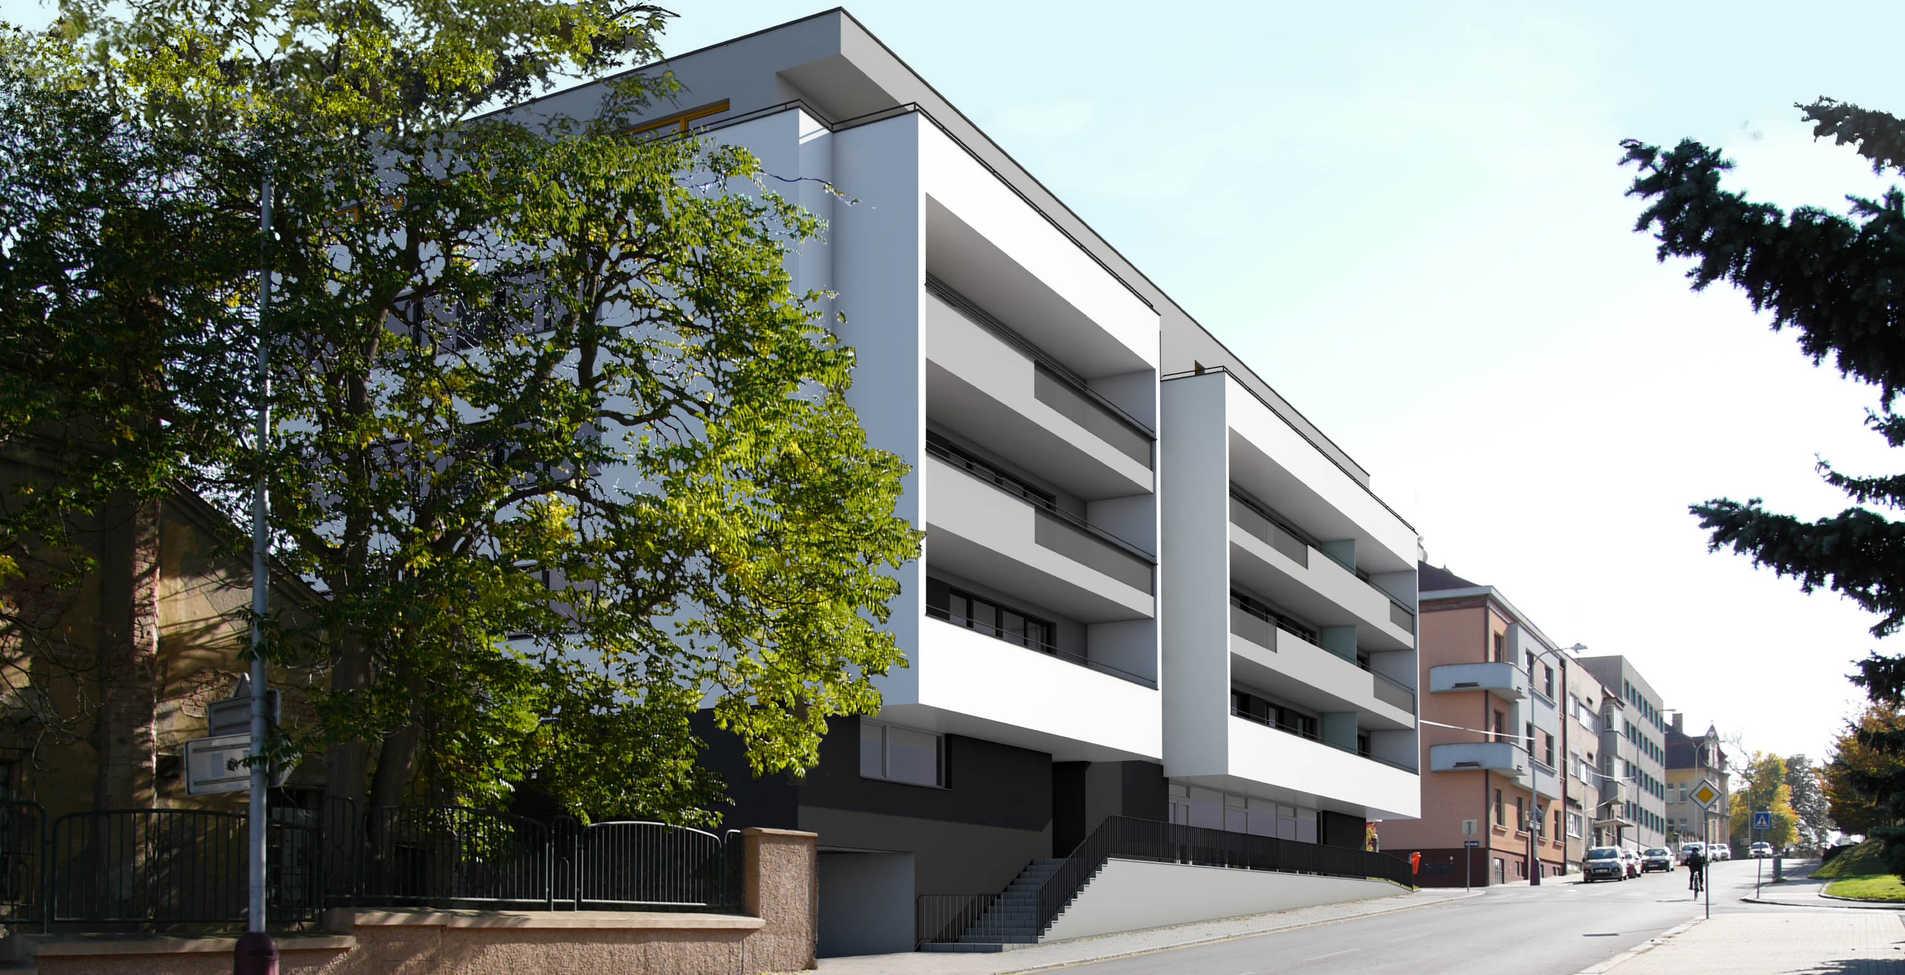 Rezidence Havlíčkova v Mladé Boleslavi obsahuje 24 bytů